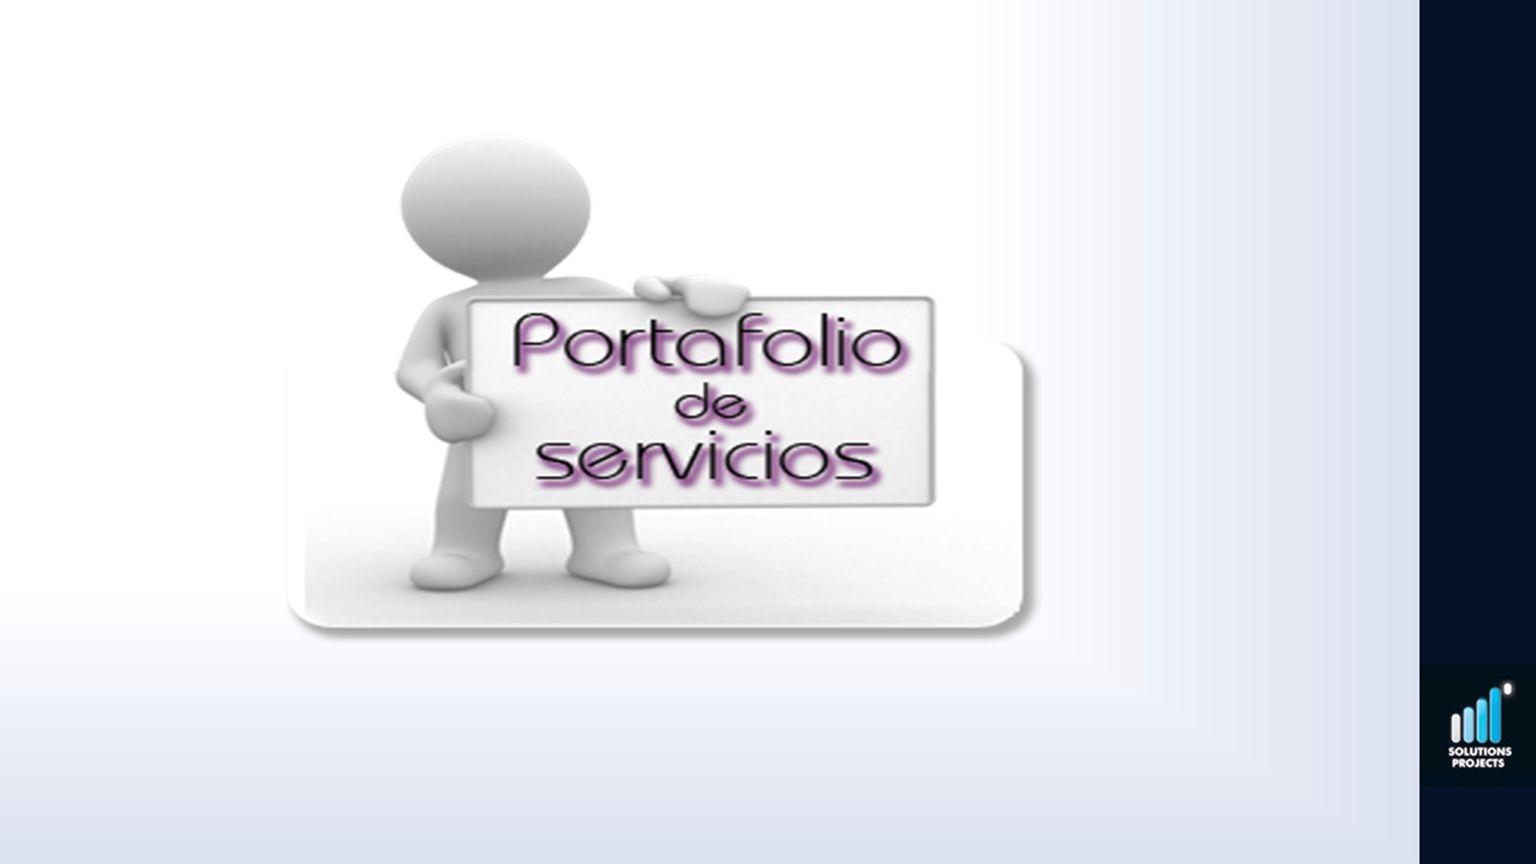 Presentamos nuestro portafolio de servicios, estructurado para suplir las necesidades de su negocio.